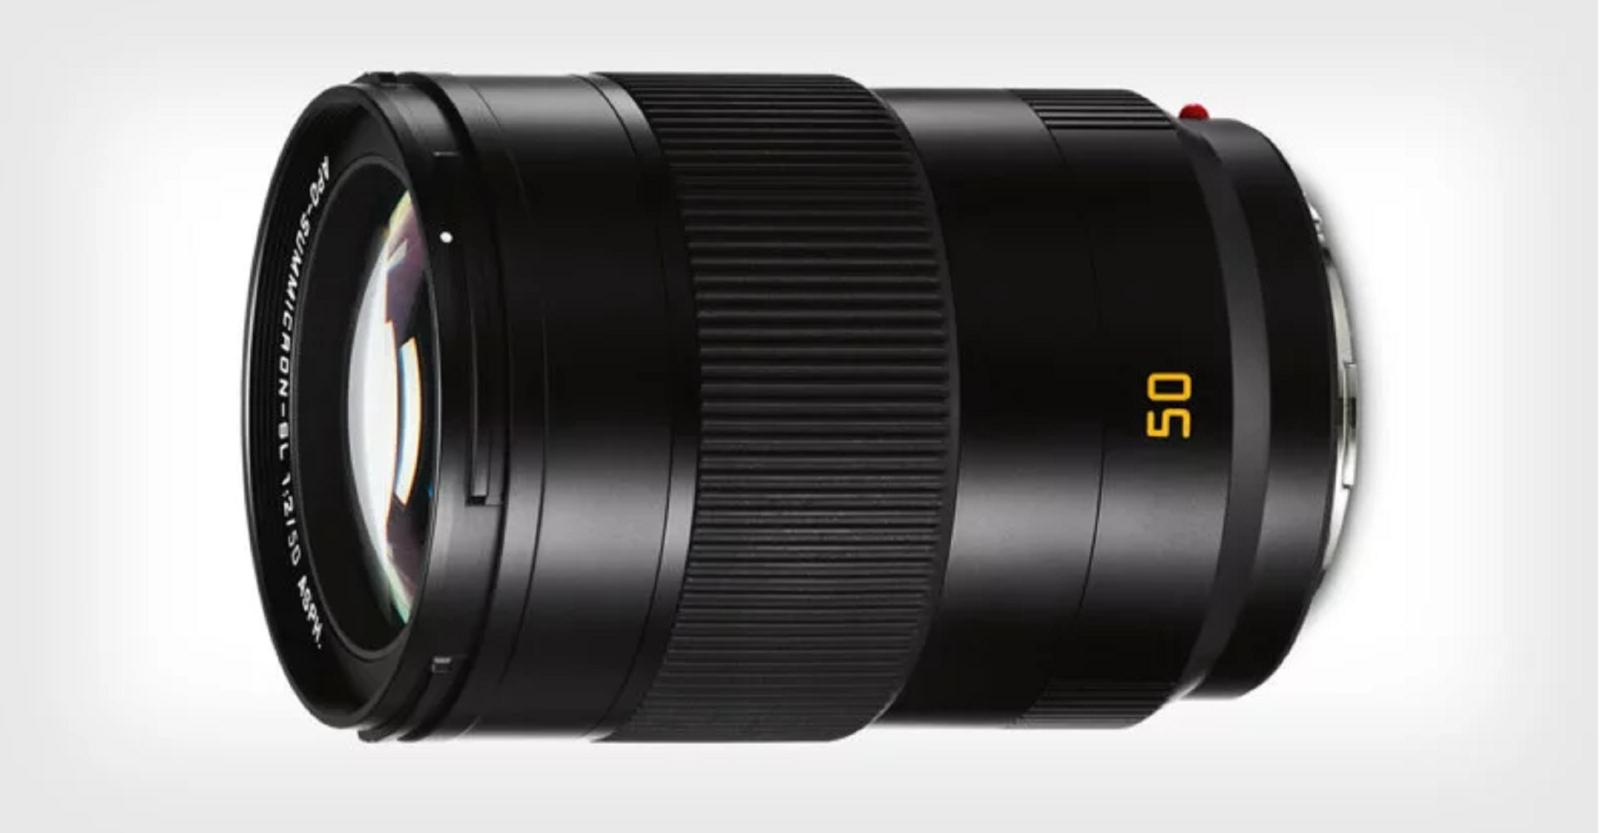 Leica ra mắtống kính APO-Summicron-SL 50mm F2 ASPH ngàm L